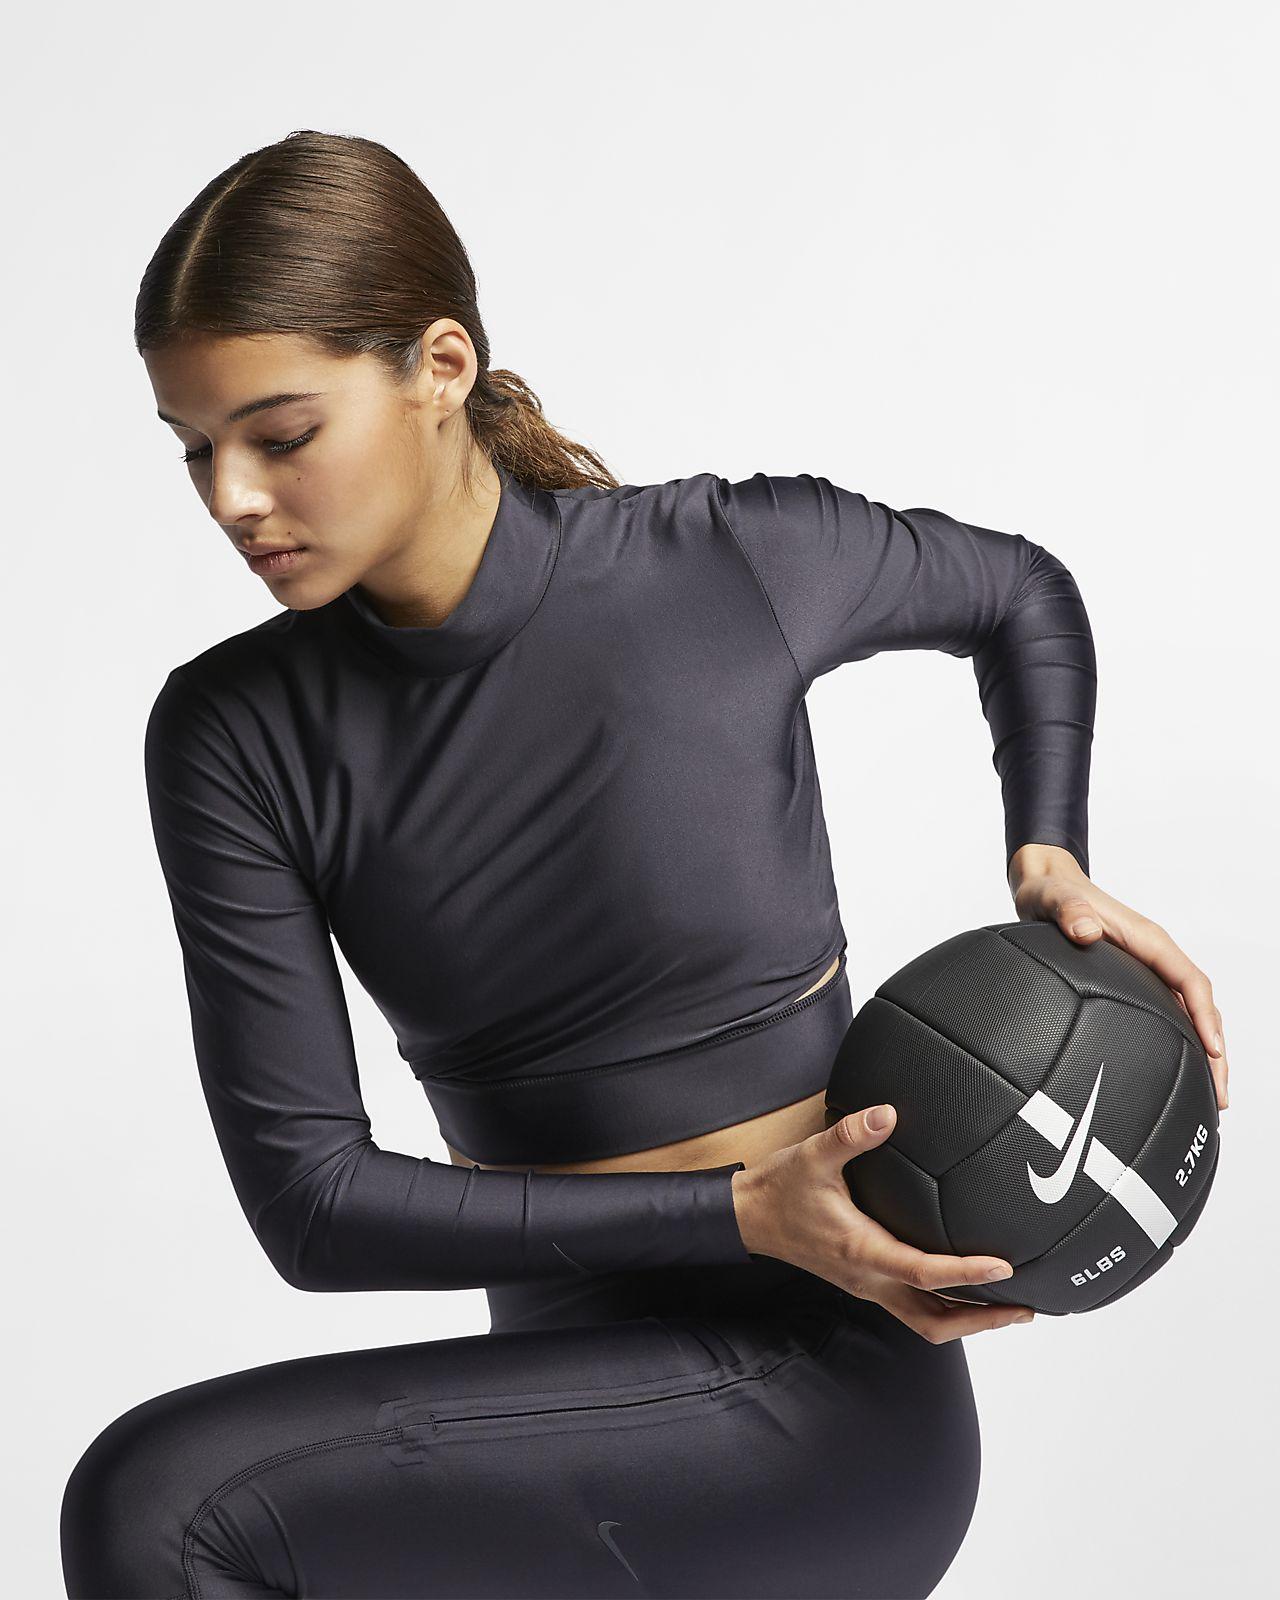 low priced 17d9f a6cb6 ... Maglia da training a manica lunga Nike - Donna